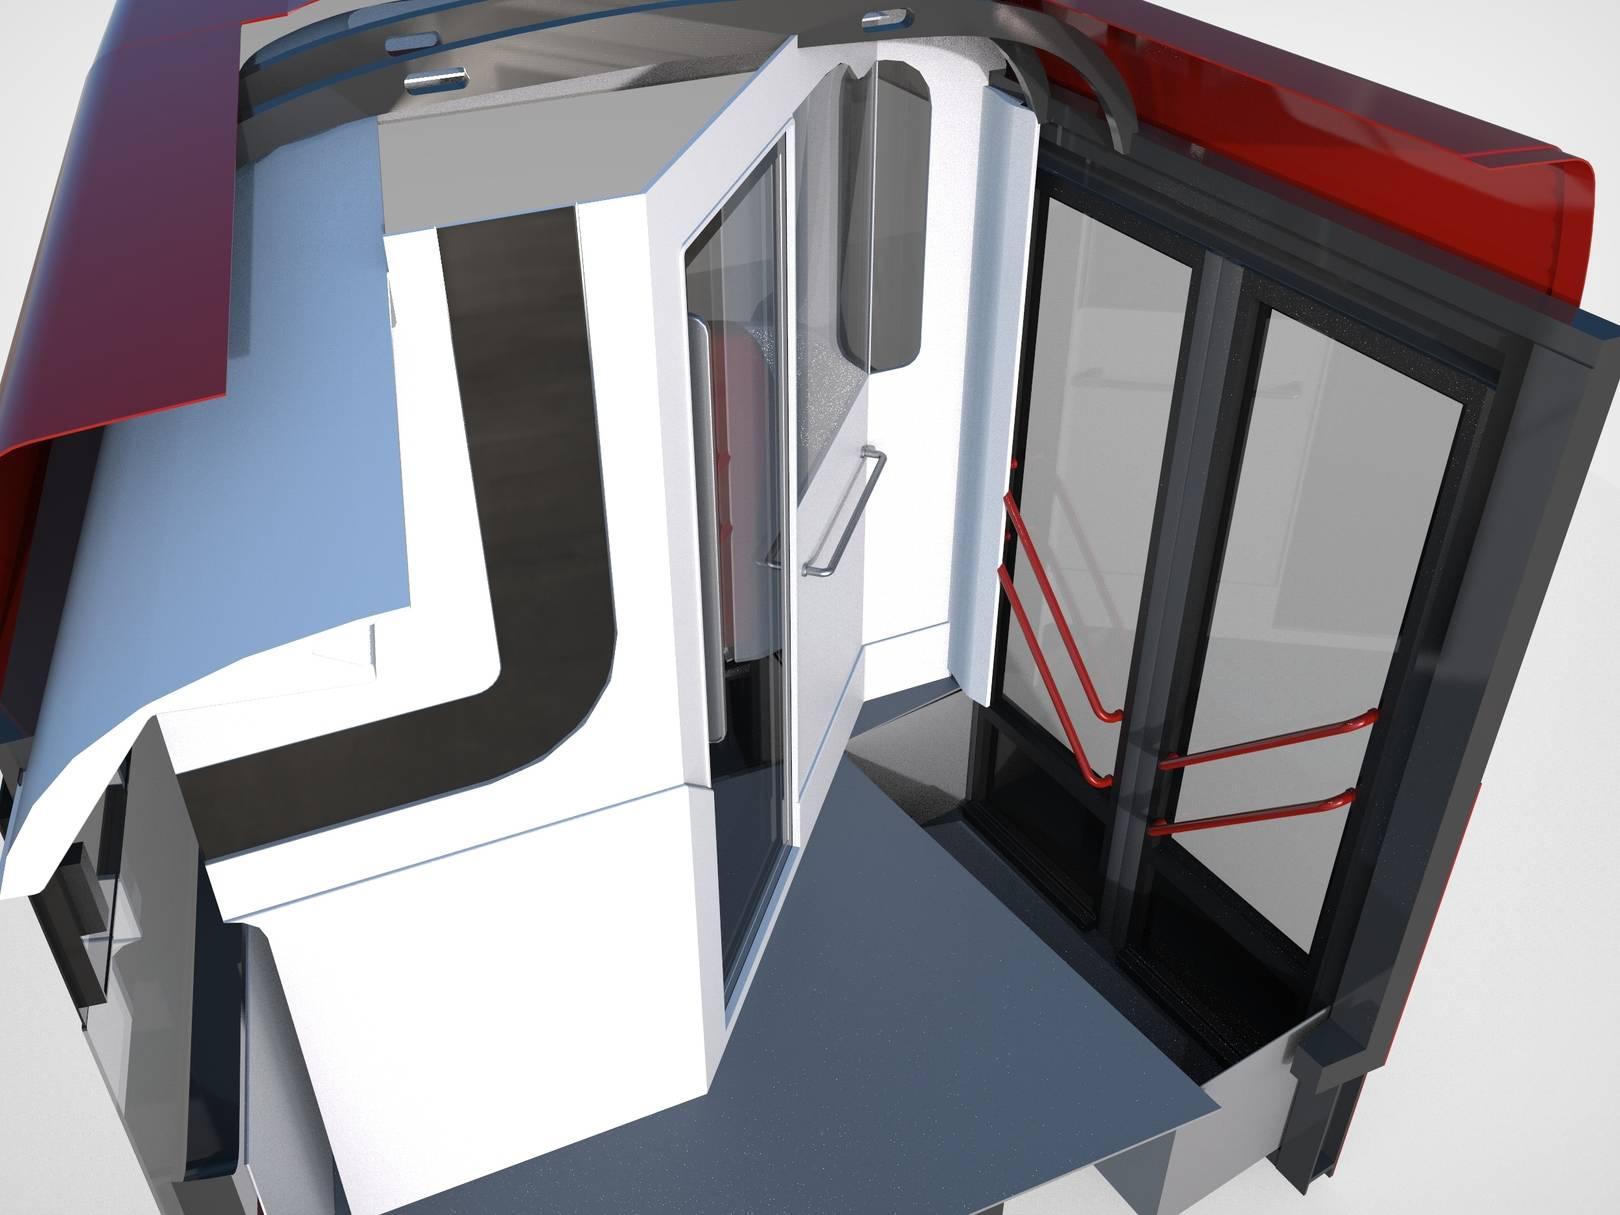 Модернизация трамвая Tatra T-3 для Уфы